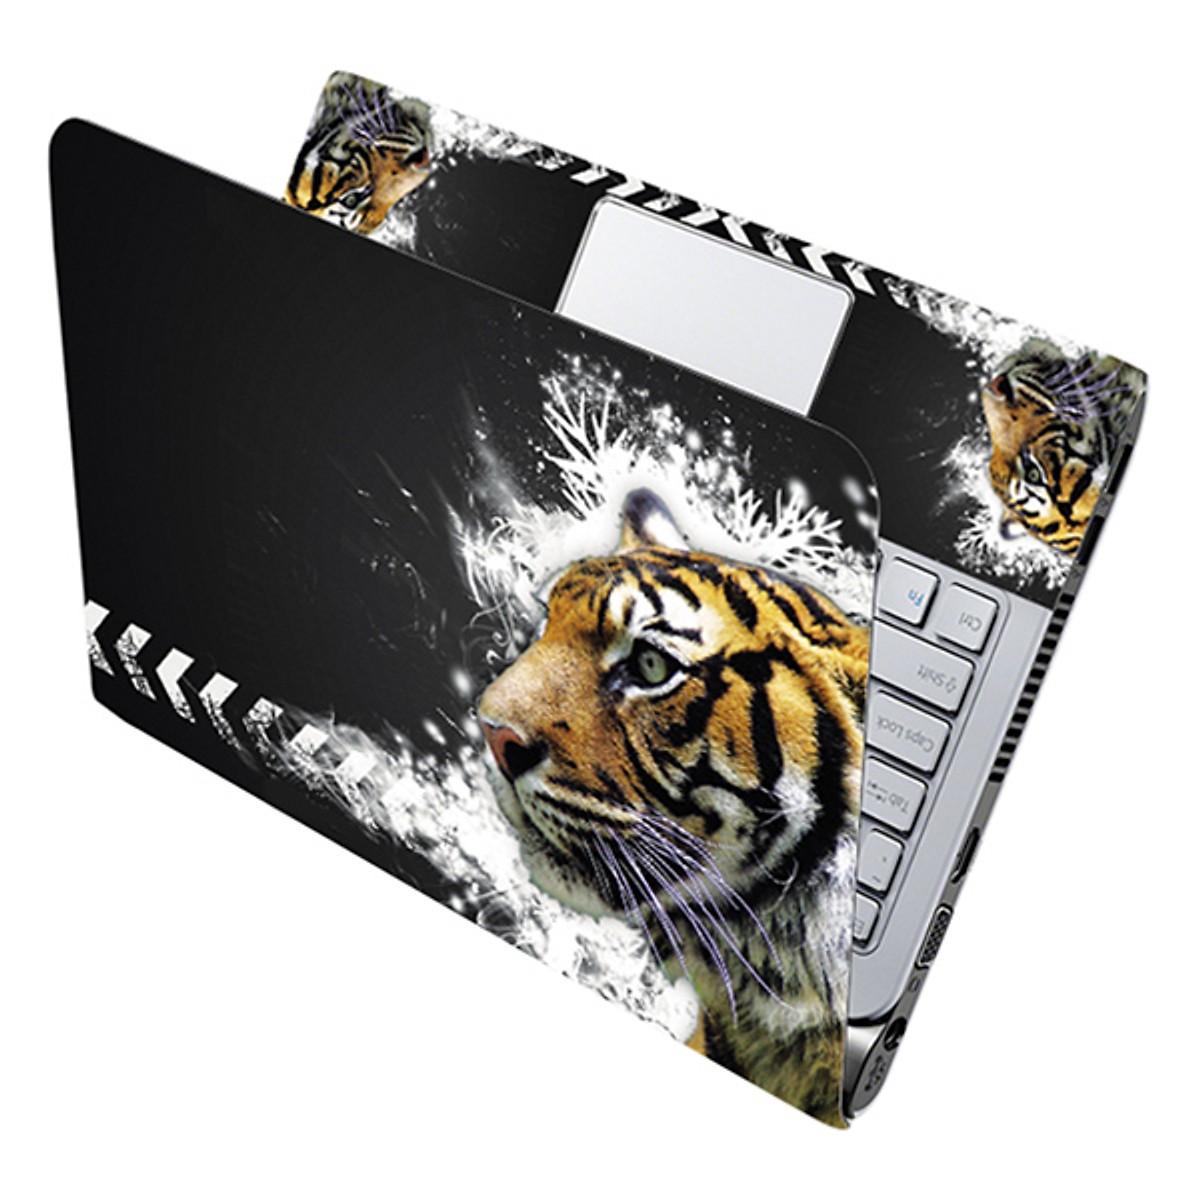 Mẫu Dán Decal Laptop Nghệ Thuật  LTNT- 12 cỡ 13 inch